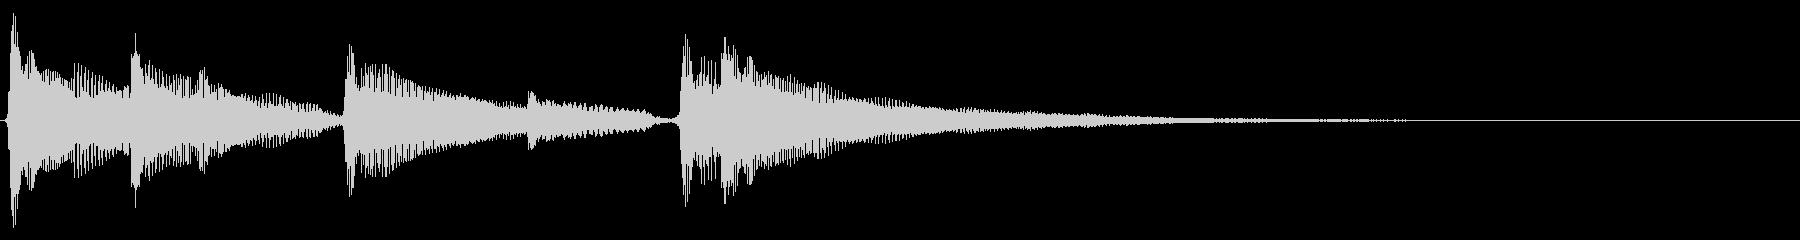 アコギ生音のジングル/爽やか4の未再生の波形